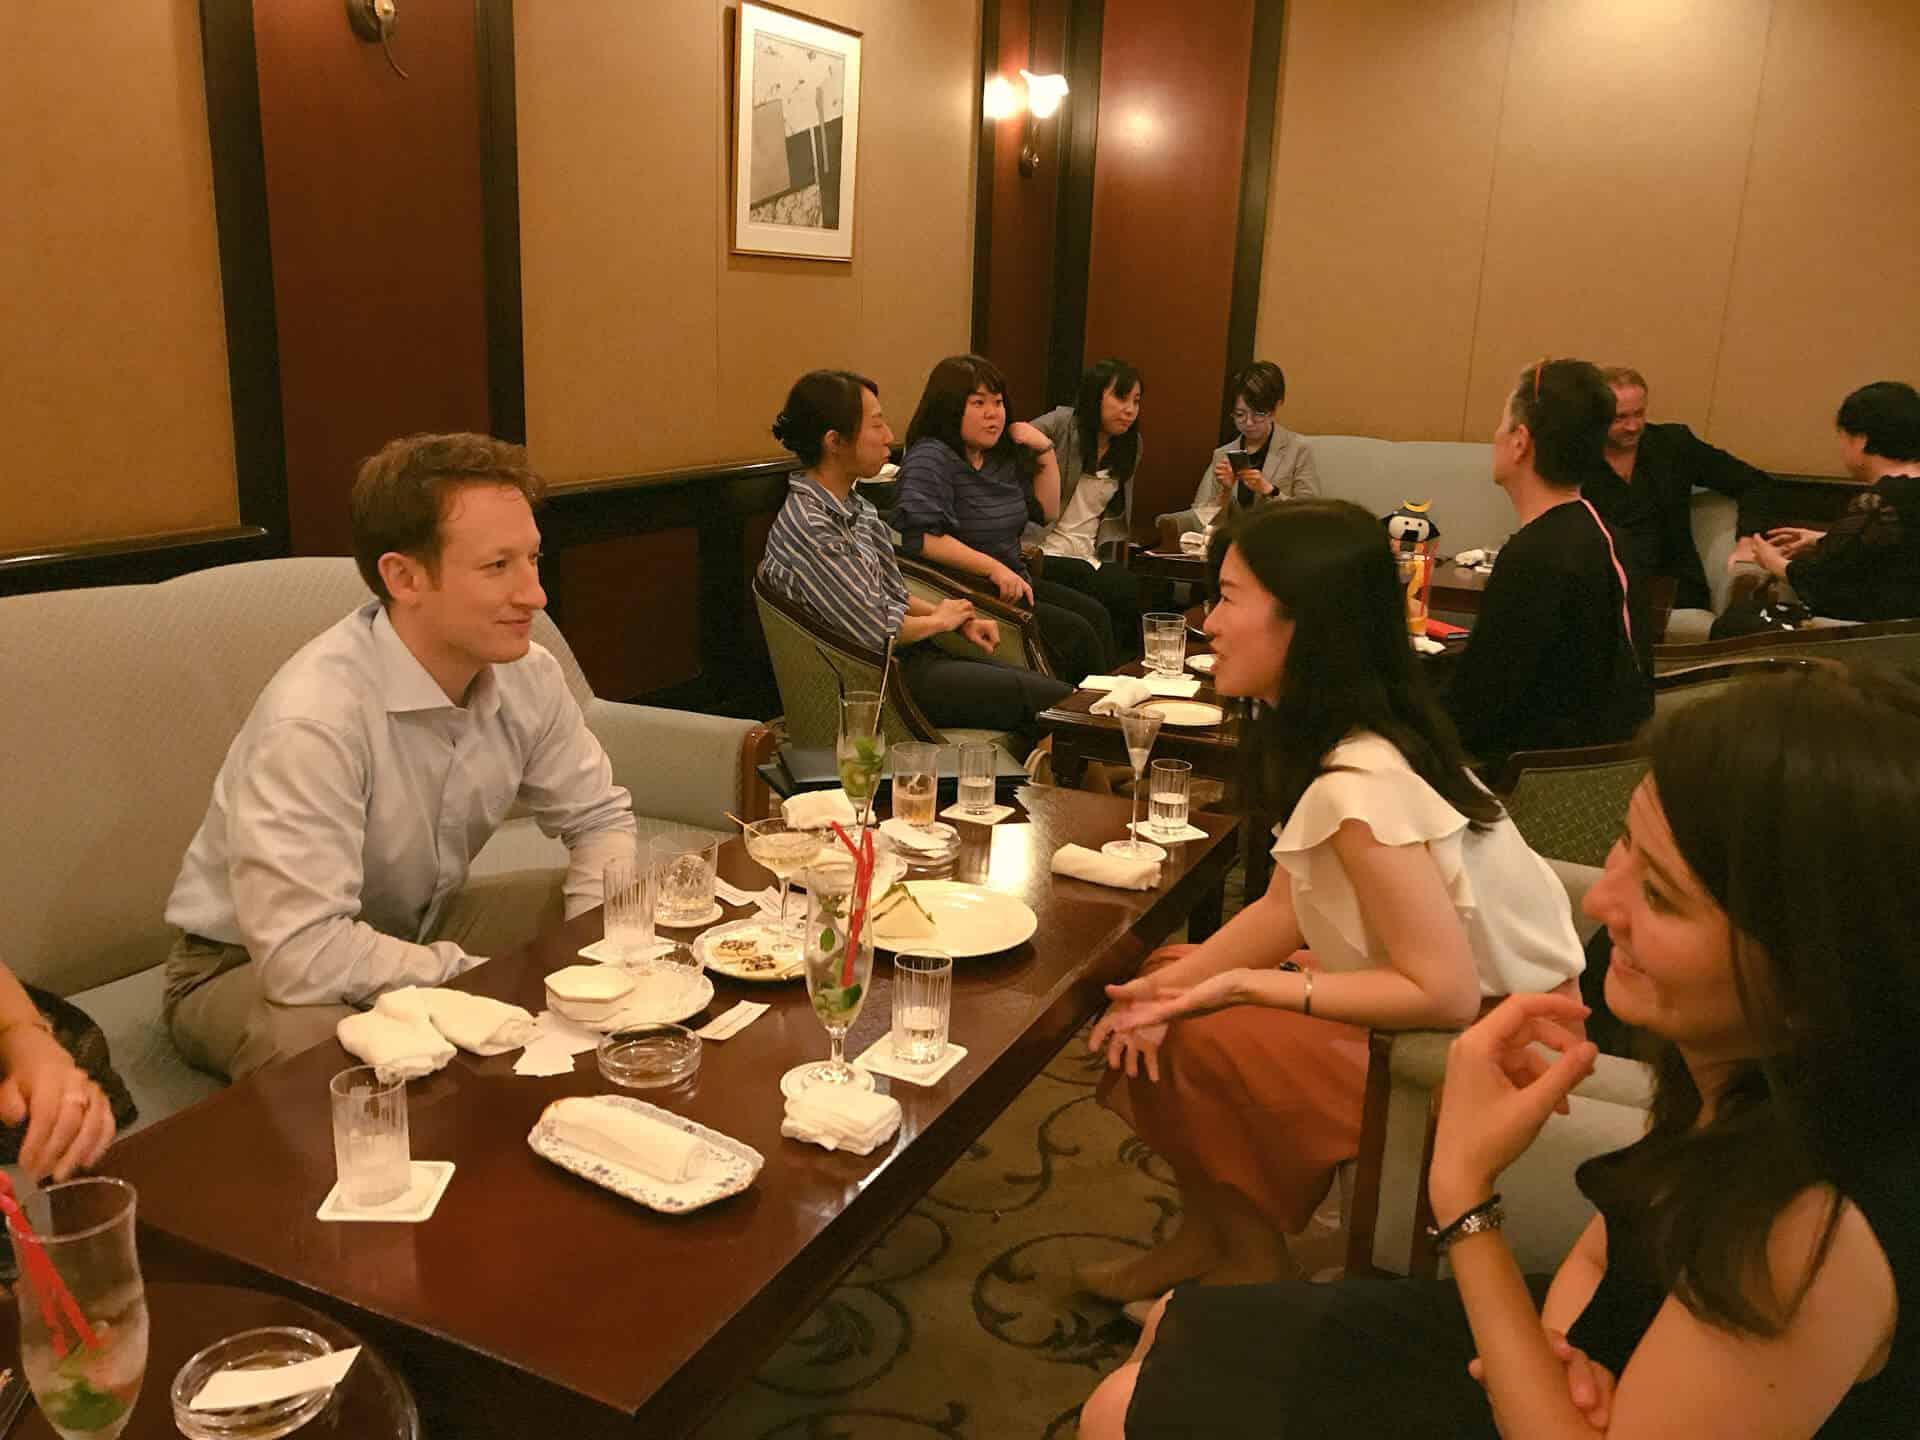 カクテルナイトのイベントで先生と生徒がお酒を飲みながら楽しくお話をしています